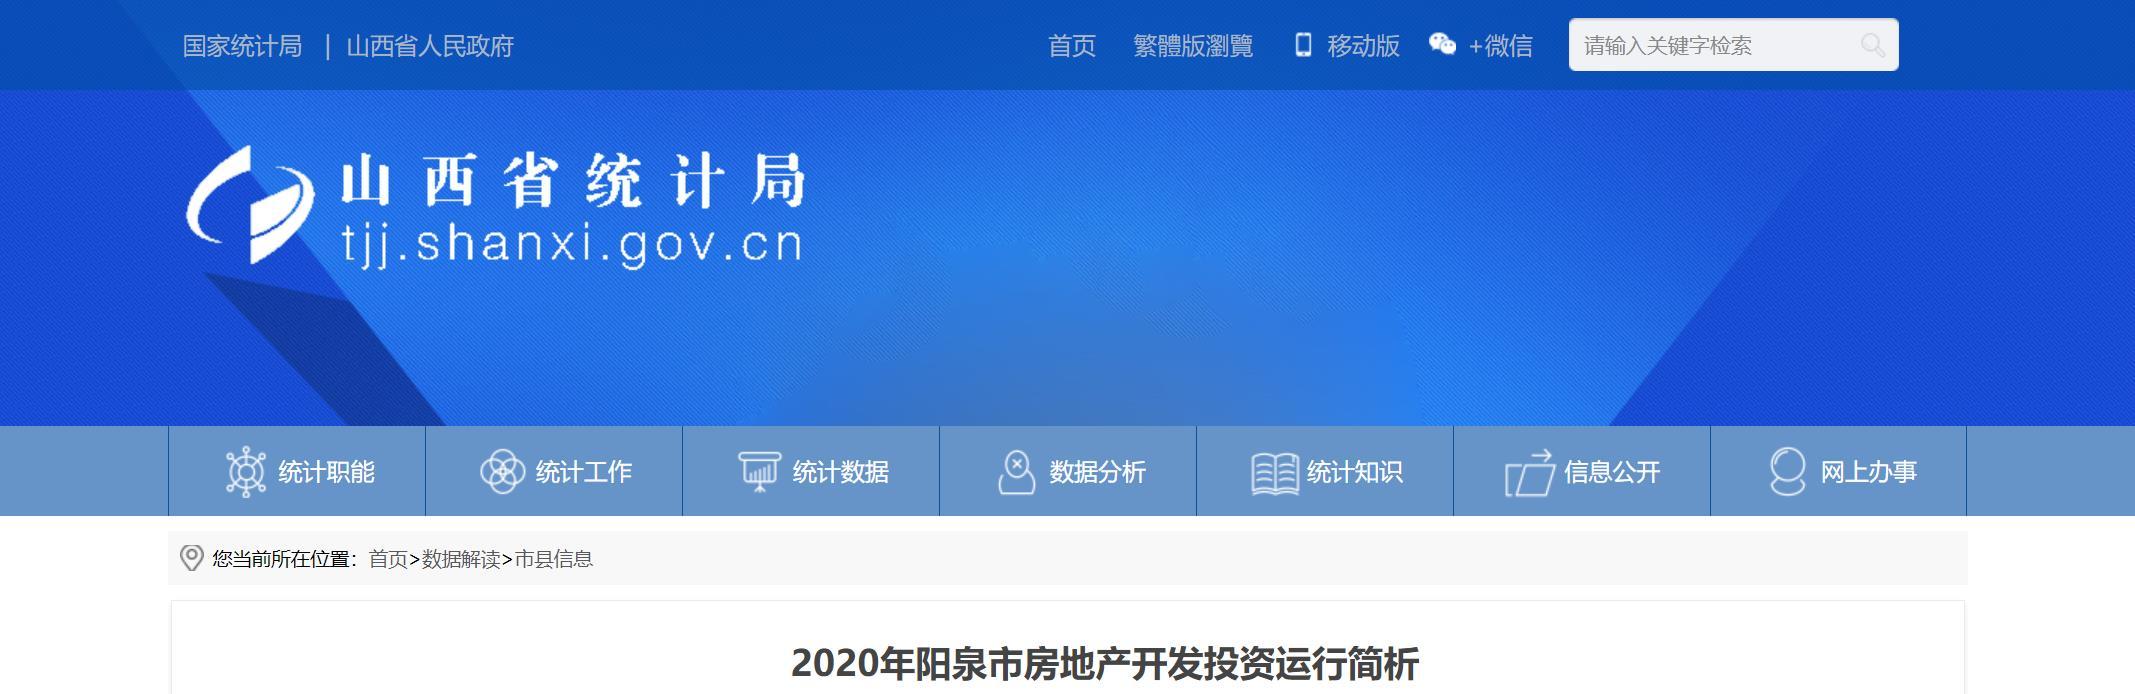 2020年阳泉市房地产开发投资运行简析